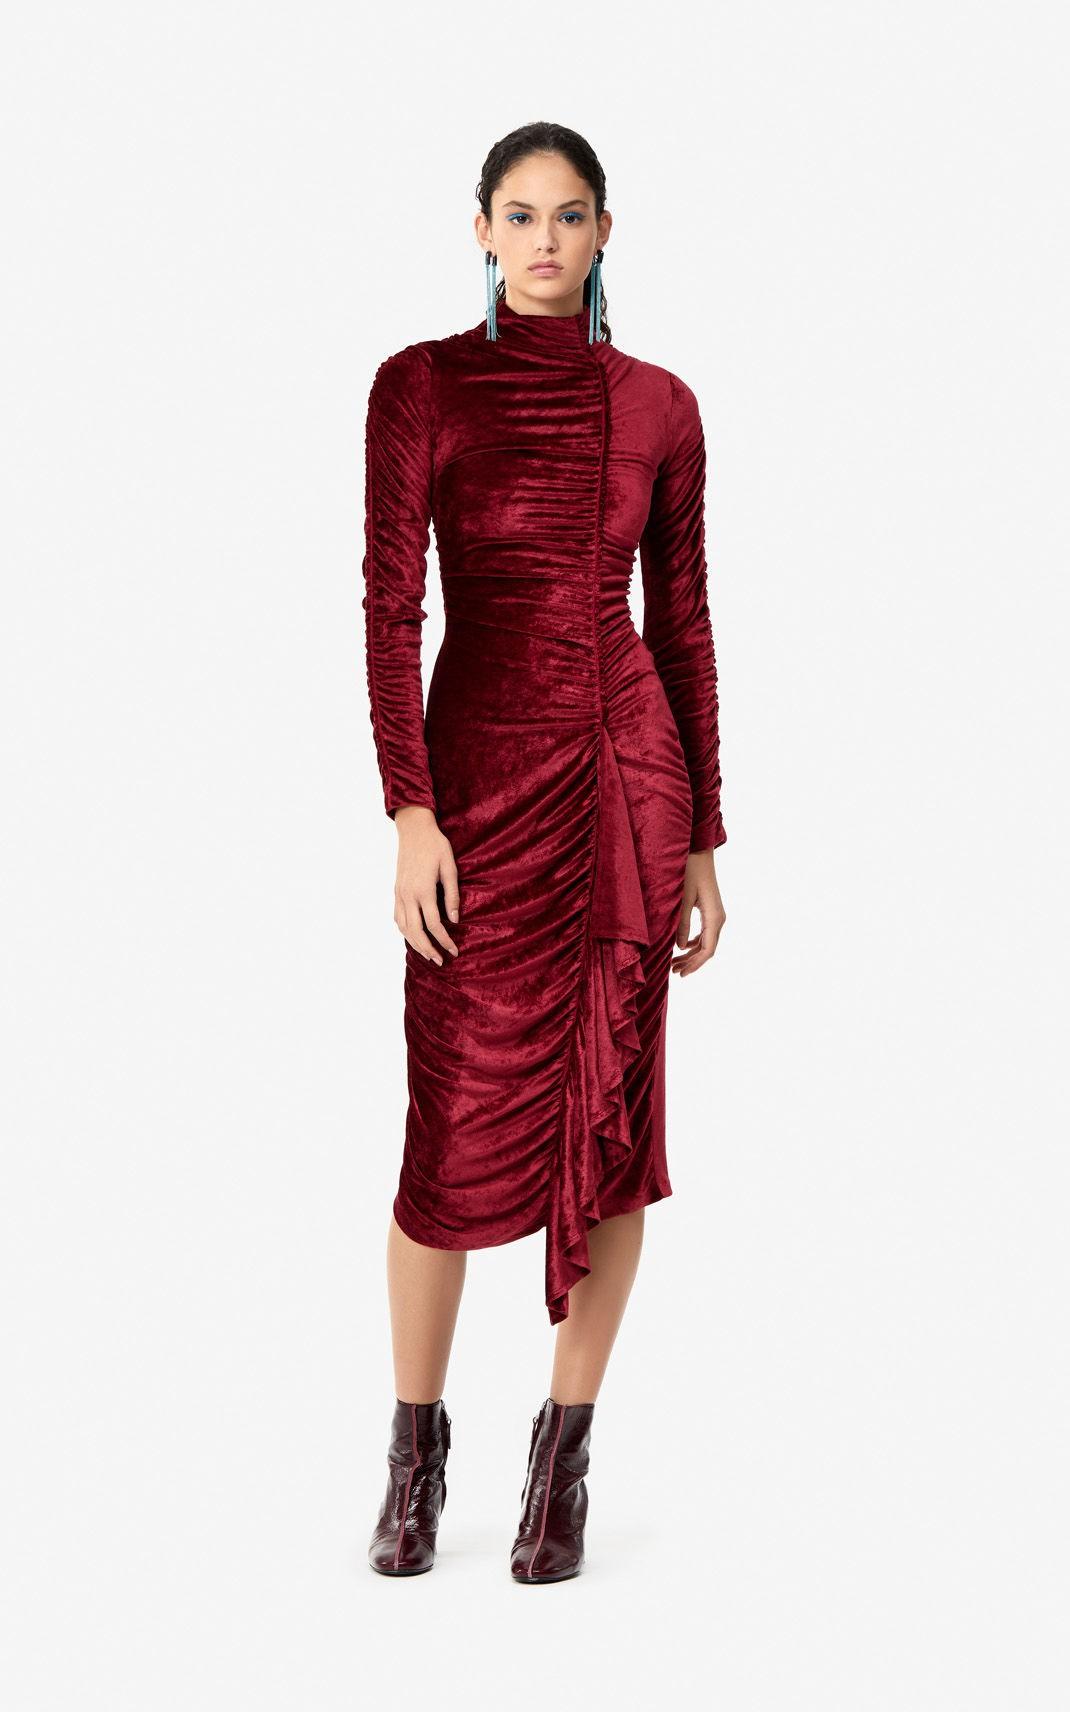 'Đụng hàng' một chiếc váy với Kỳ Duyên, Minh Tú chứng minh không phải vòng 1 'ngồn ngộn' là tỏa sáng - Ảnh 3